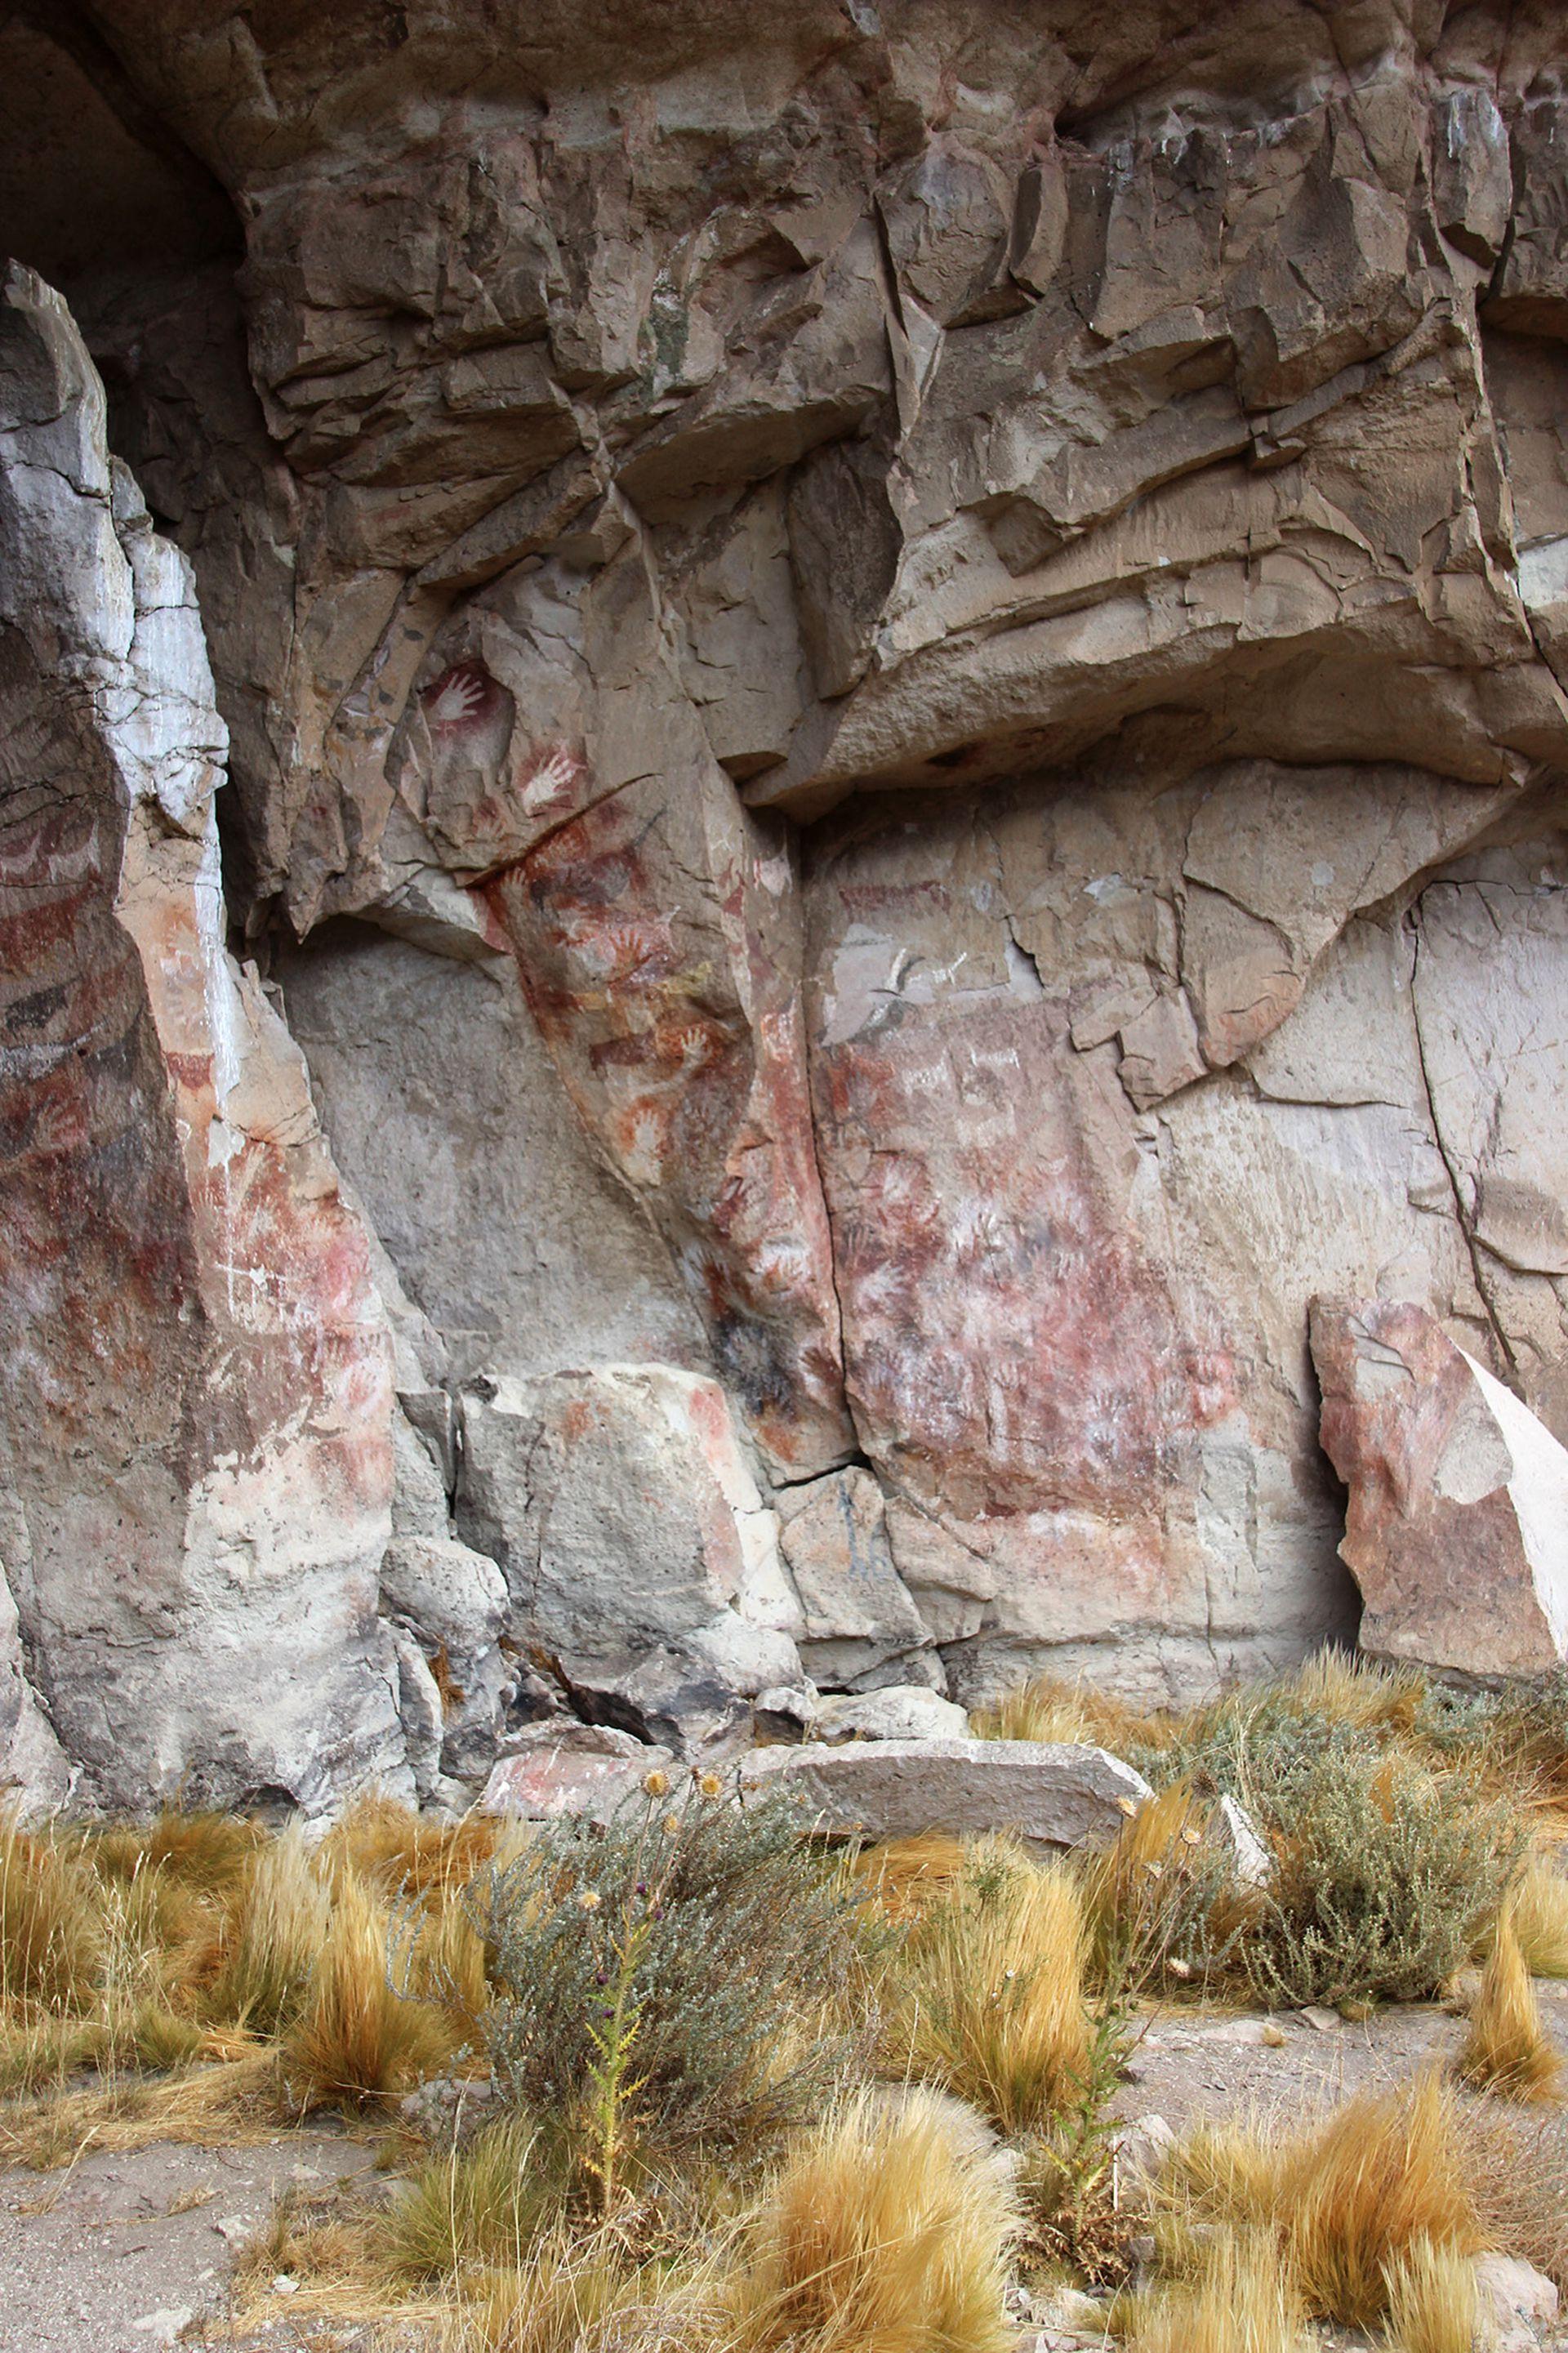 La realización de este arte rupestre estaba ligado a prácticas mágico-religiosas propiciatorias de la fertilidad, la reproducción, la caza y la medicina ritual, concepción mantenida por los tehuelches aún en tiempos de la conquista